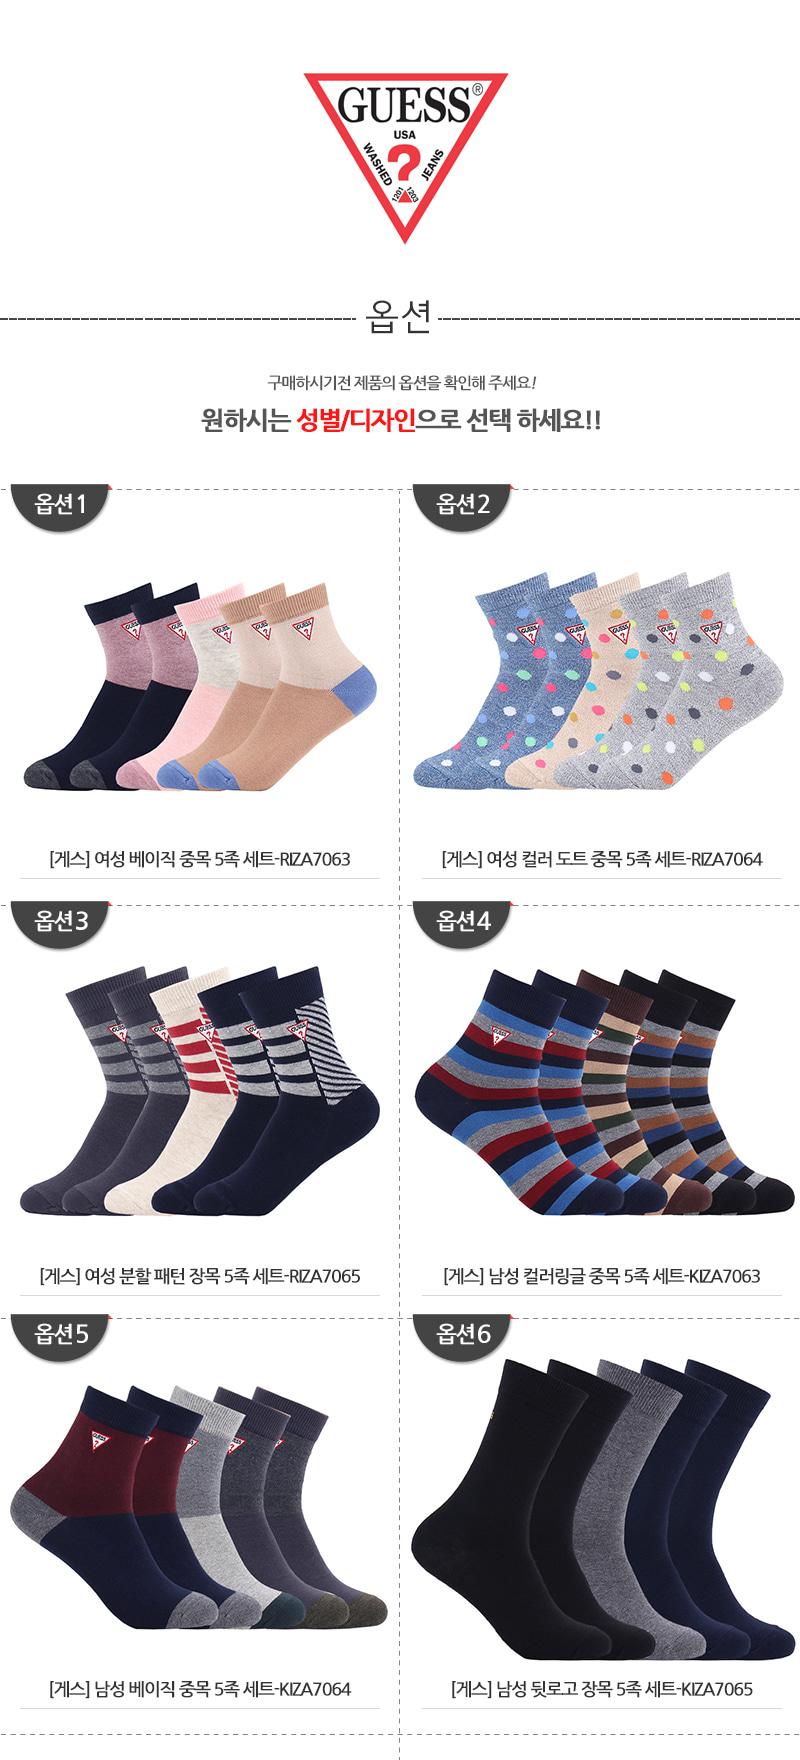 남여 양말 선물세트 6종 모음전 - 게스, 12,900원, 남성양말, 패션양말